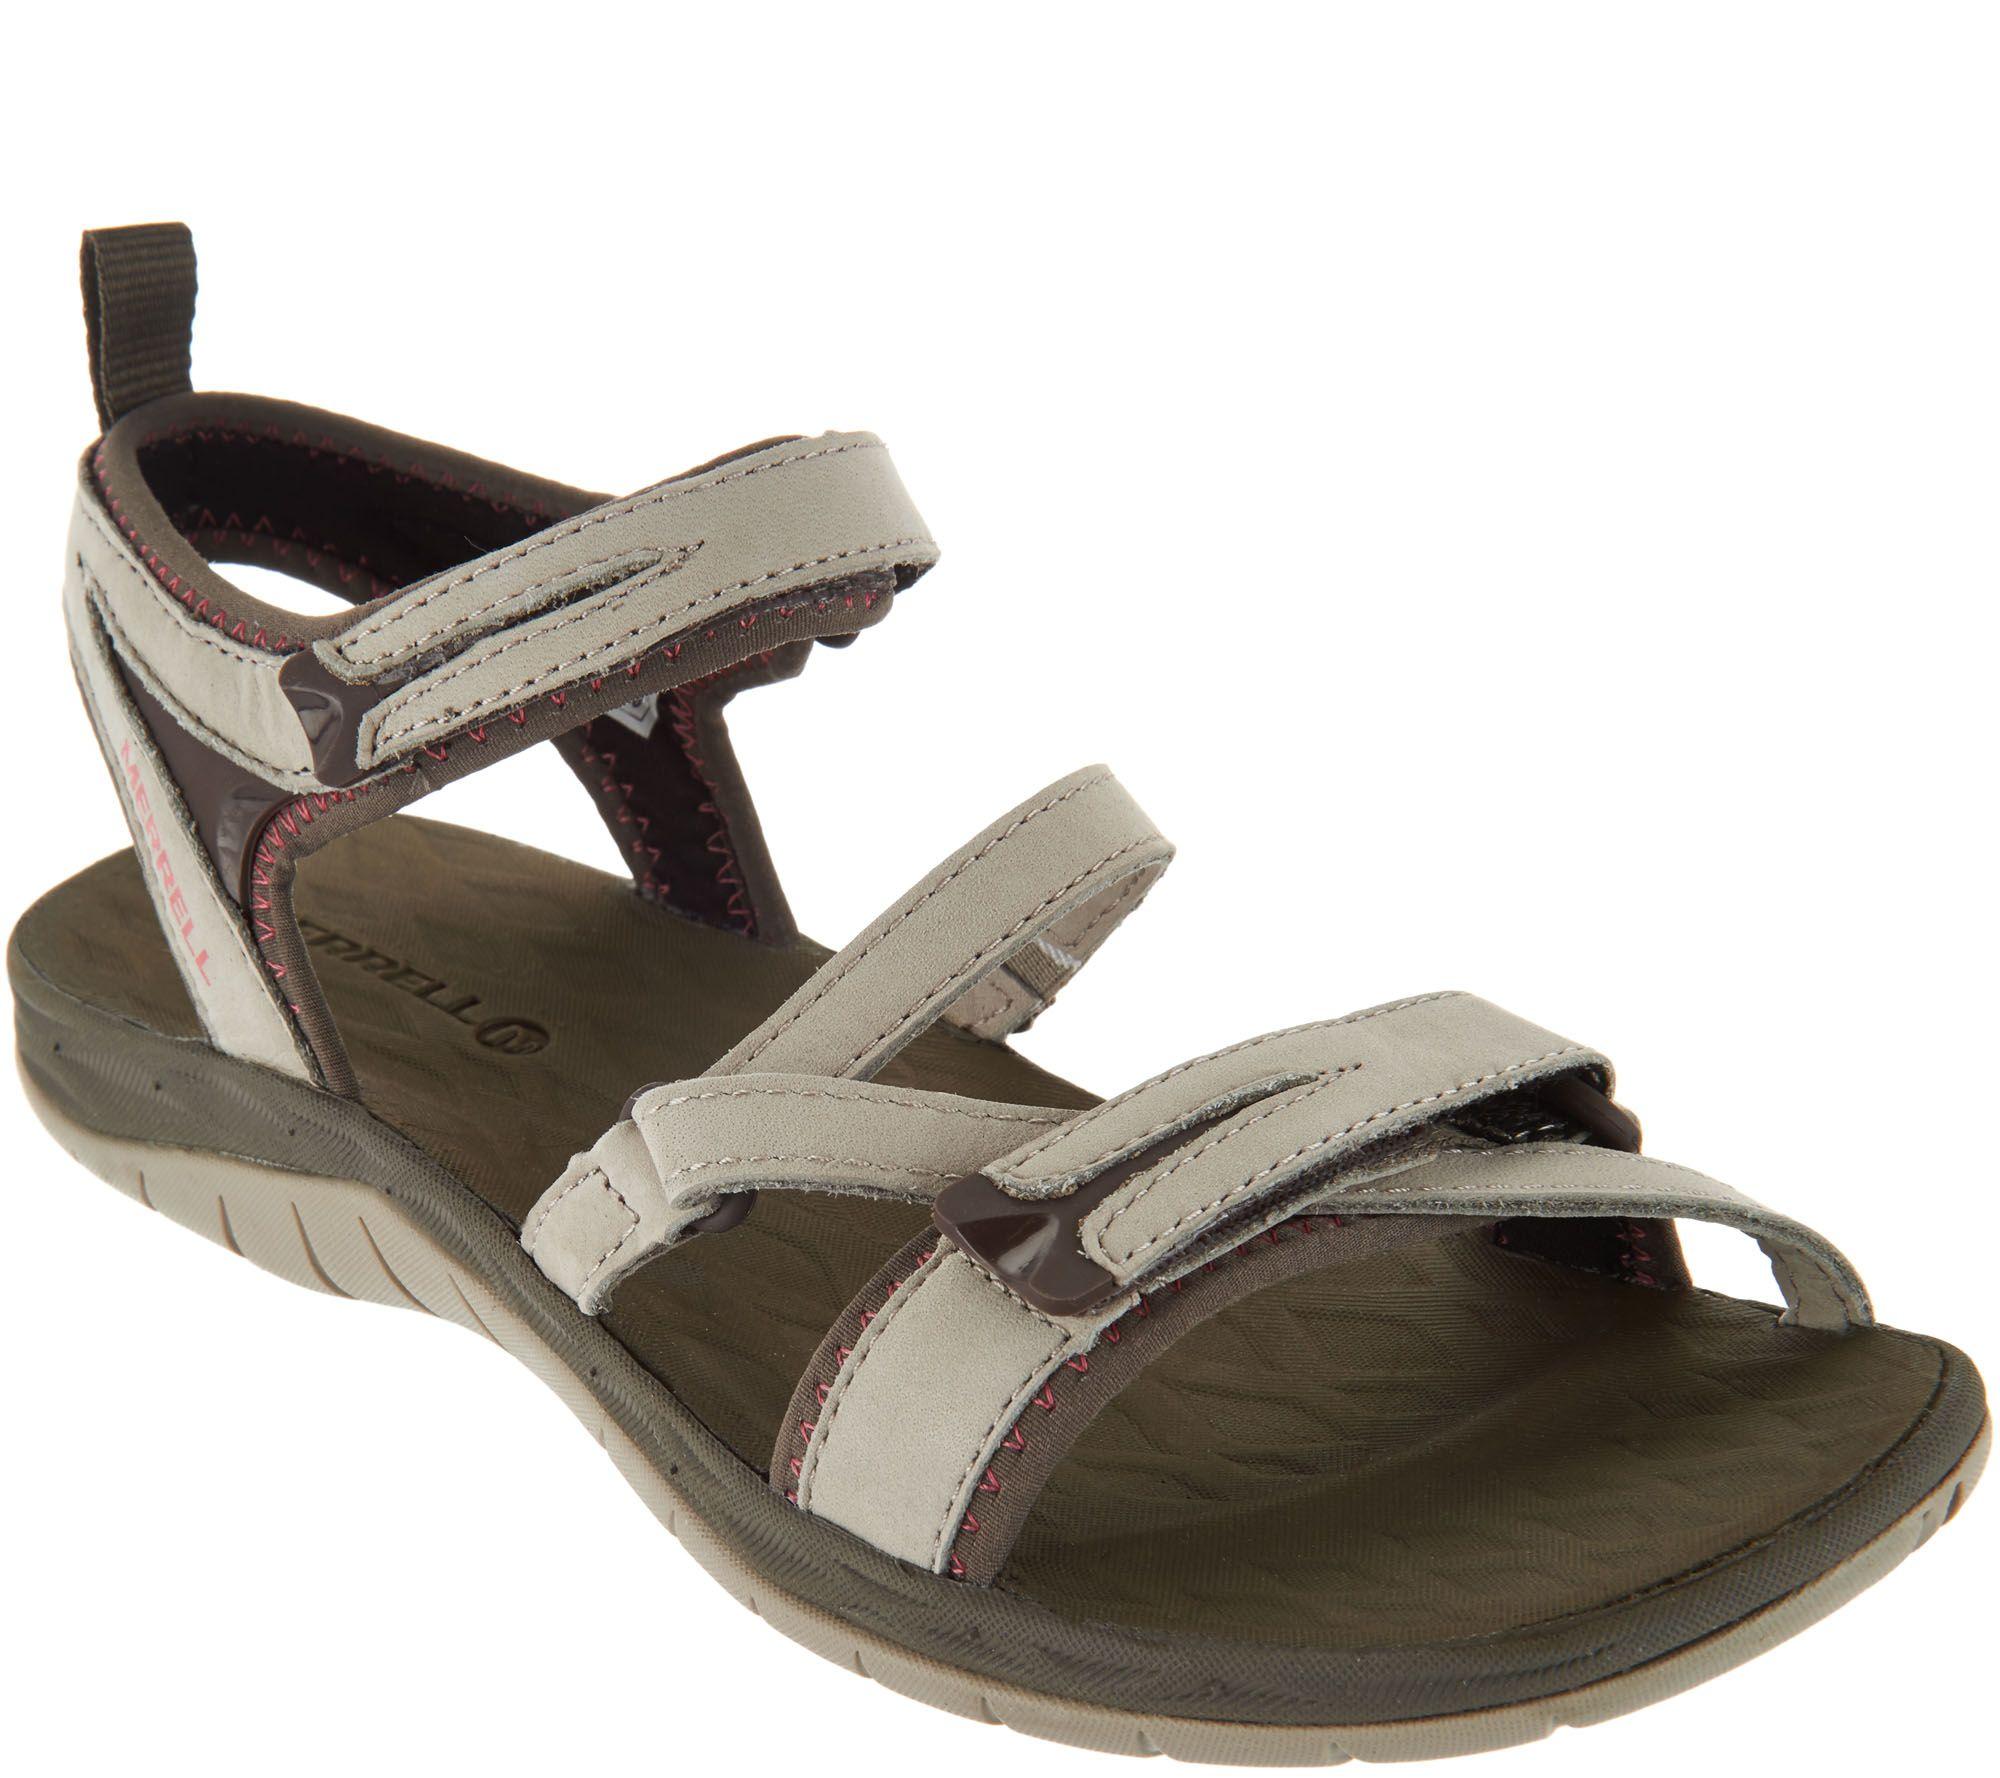 40e3e1a46ca5 Merrell Multi-Strap Sport Sandals - Siren Strap Q2 - Page 1 — QVC.com